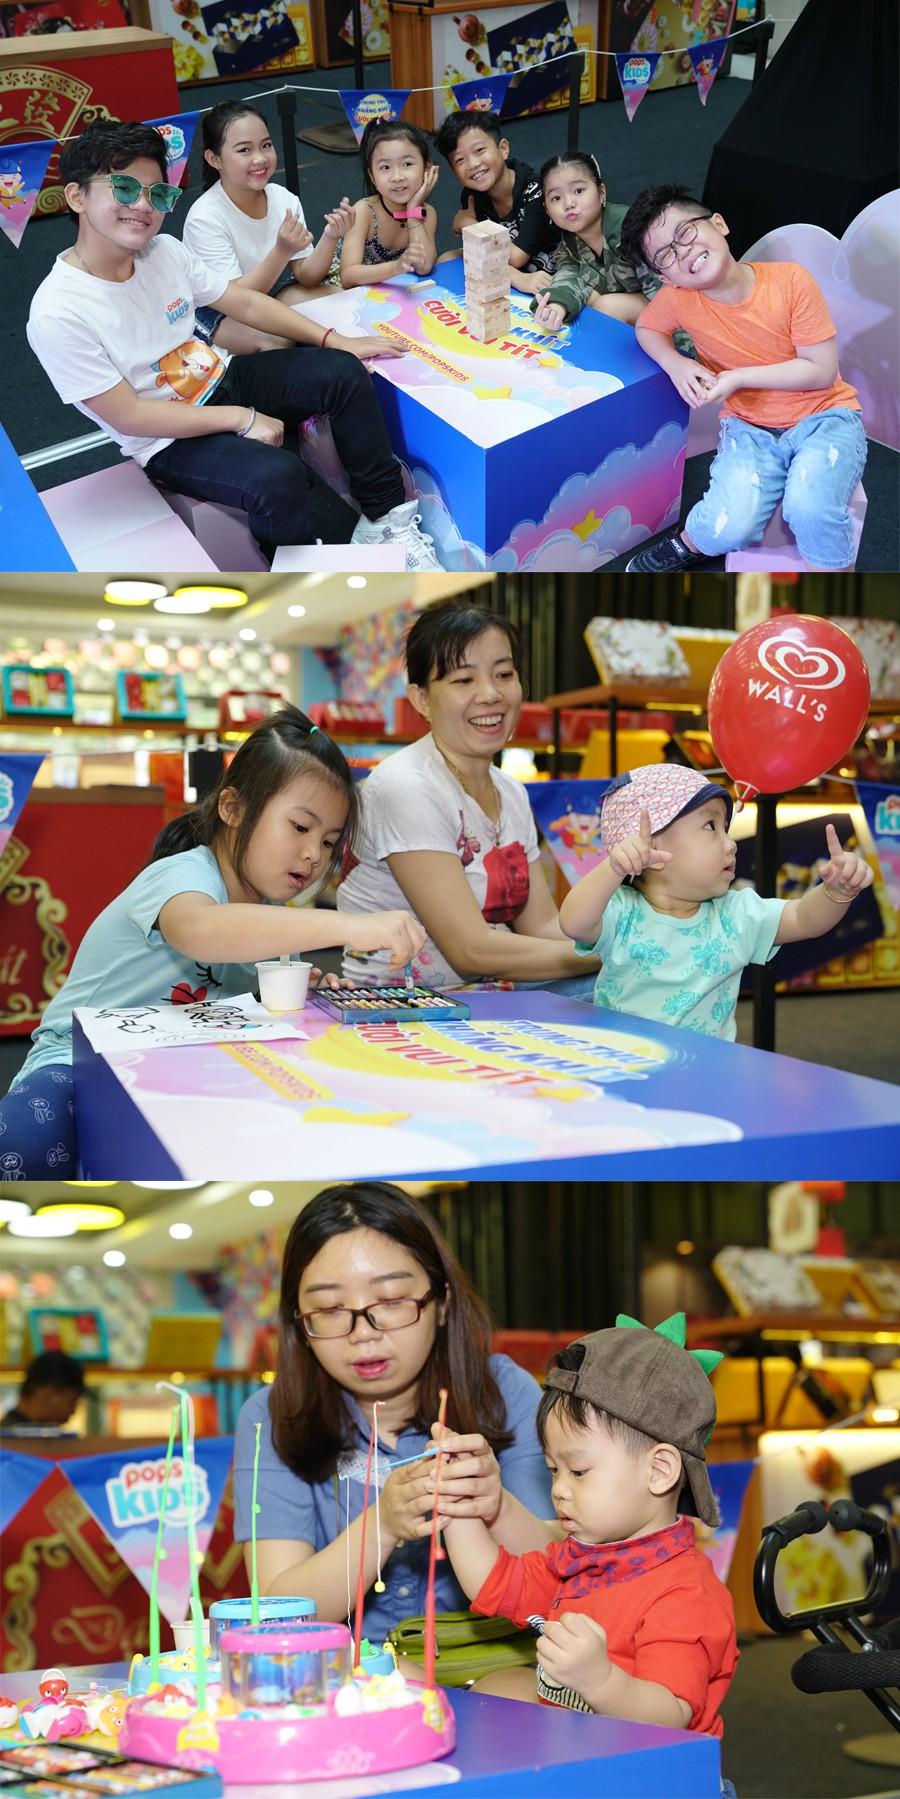 """Hàng ngàn bé yêu """"cười vui tít"""" tại ngày hội trăng rằm cùng POPS Kids - Ảnh 9."""